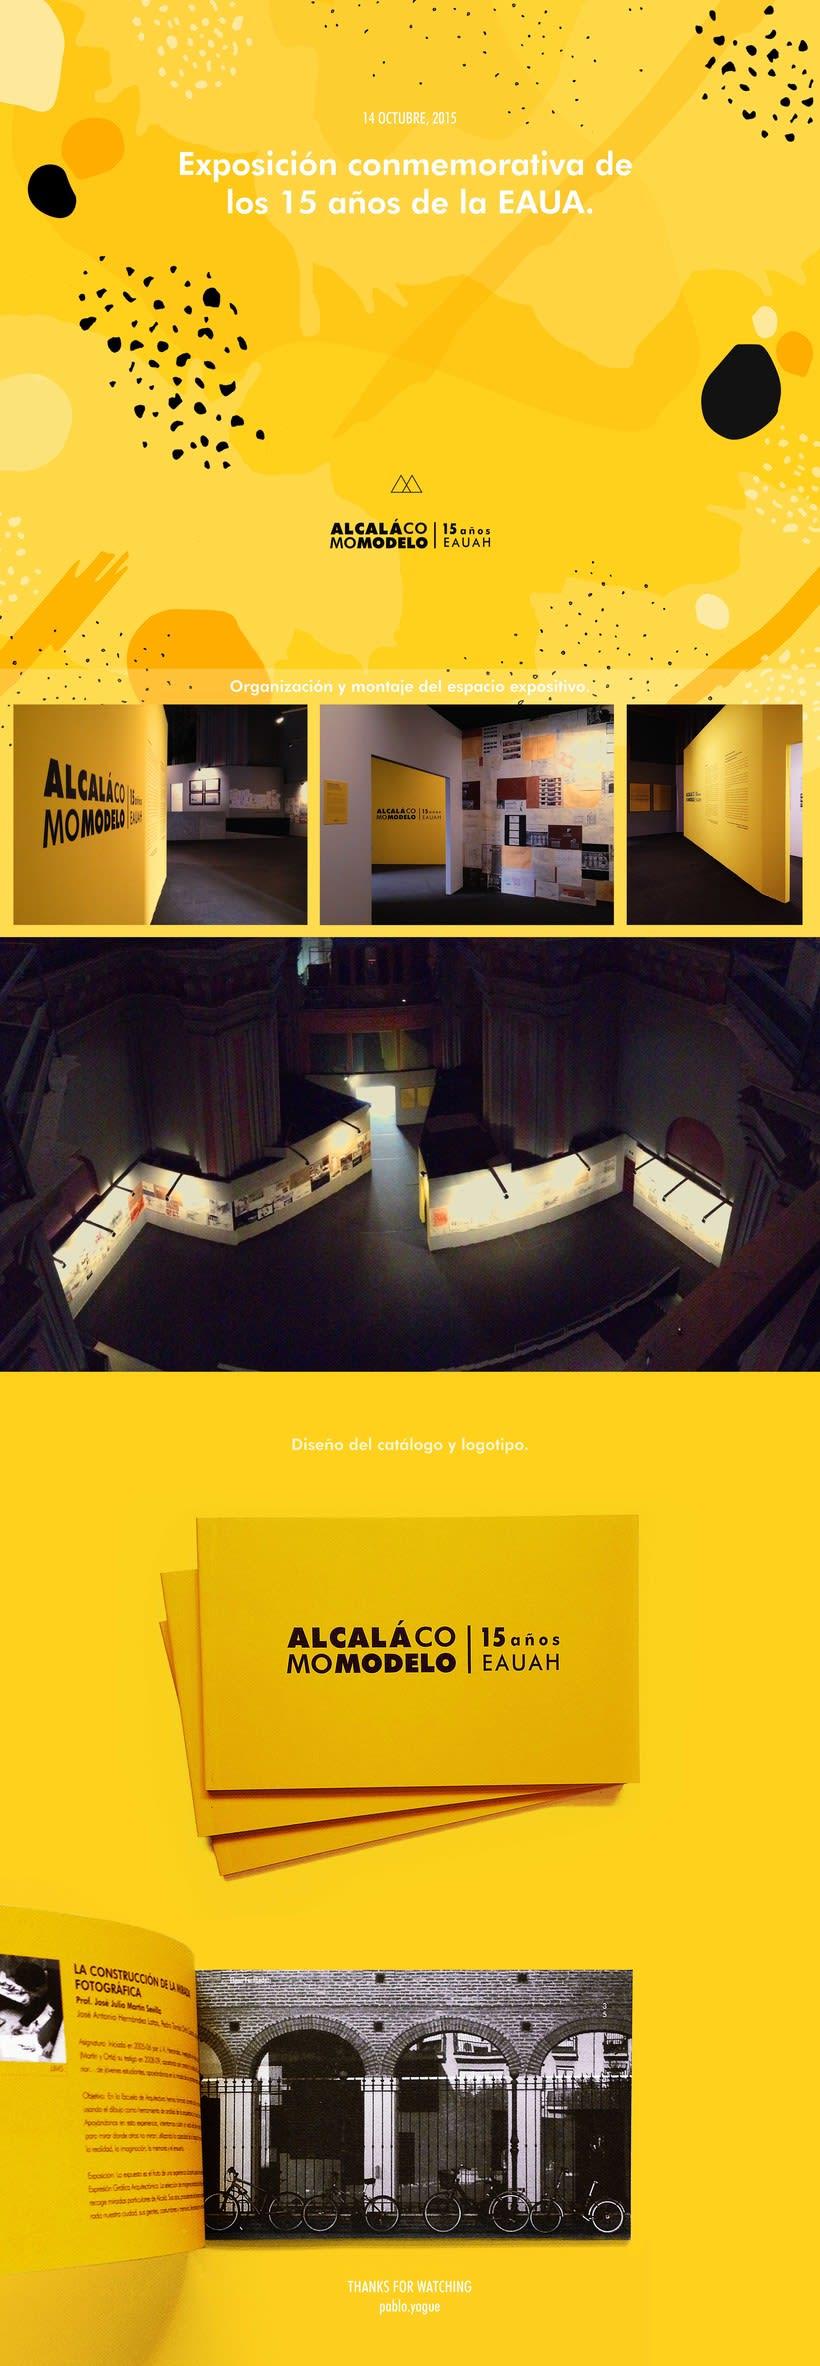 Diseño del espacio expositivo, catálogo e imagen de Alcalá Como Modelo -1